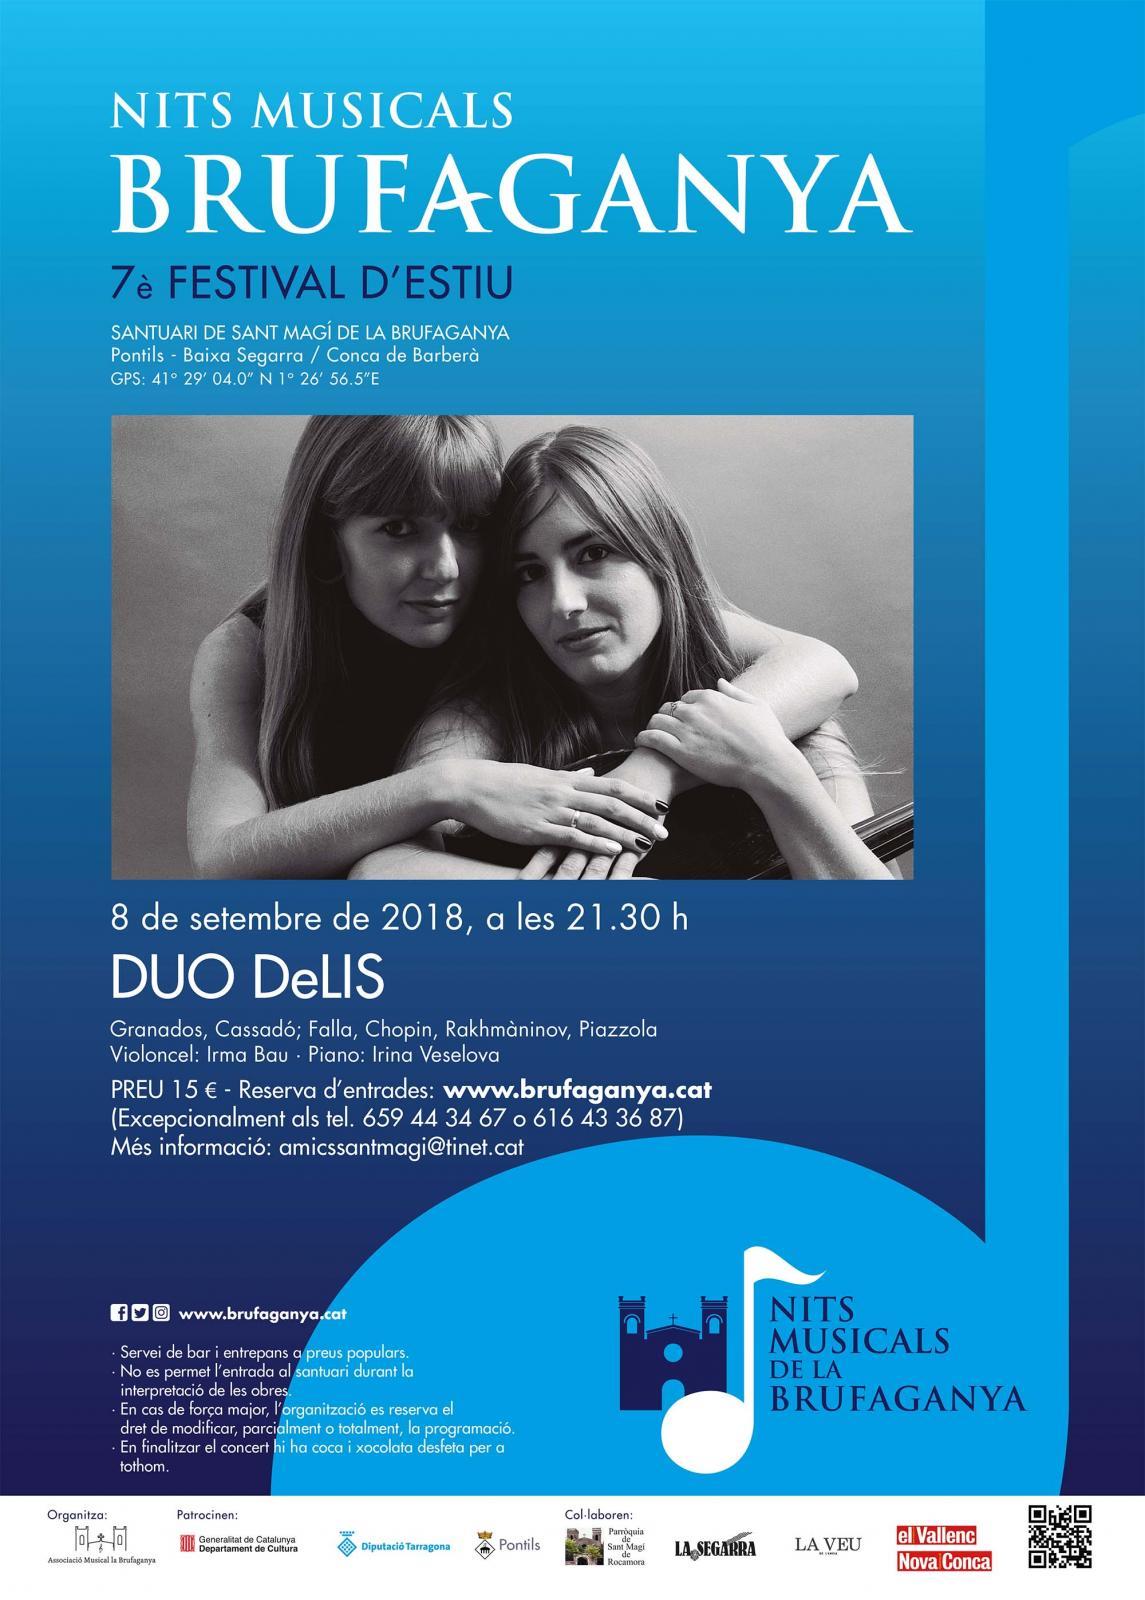 cartell DUO DeLIS (Nits Musicals de la Brufaganya)